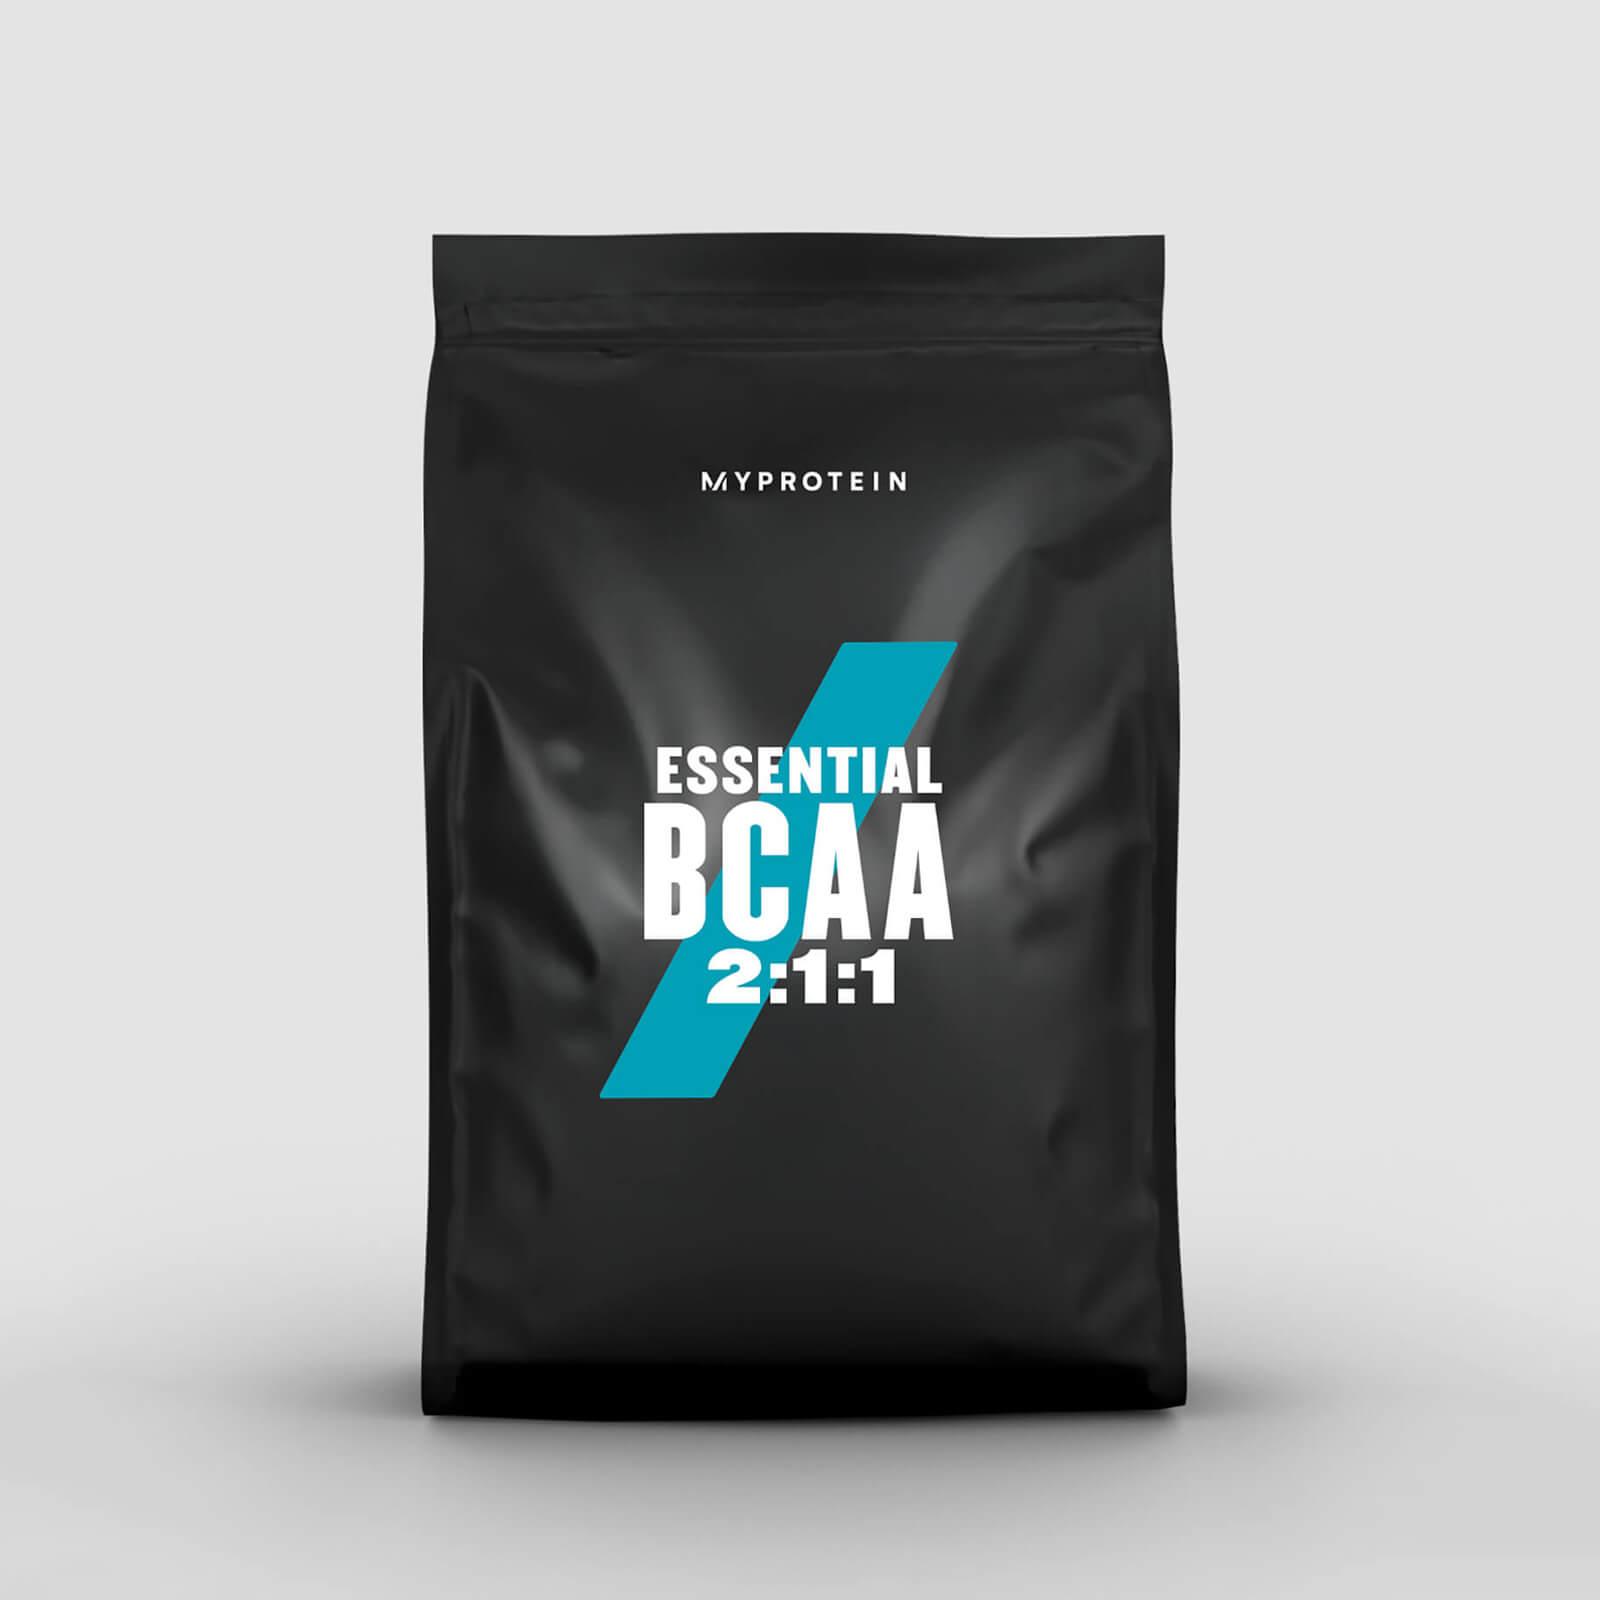 Essential BCAA 2:1:1 Powder | MYPROTEIN™